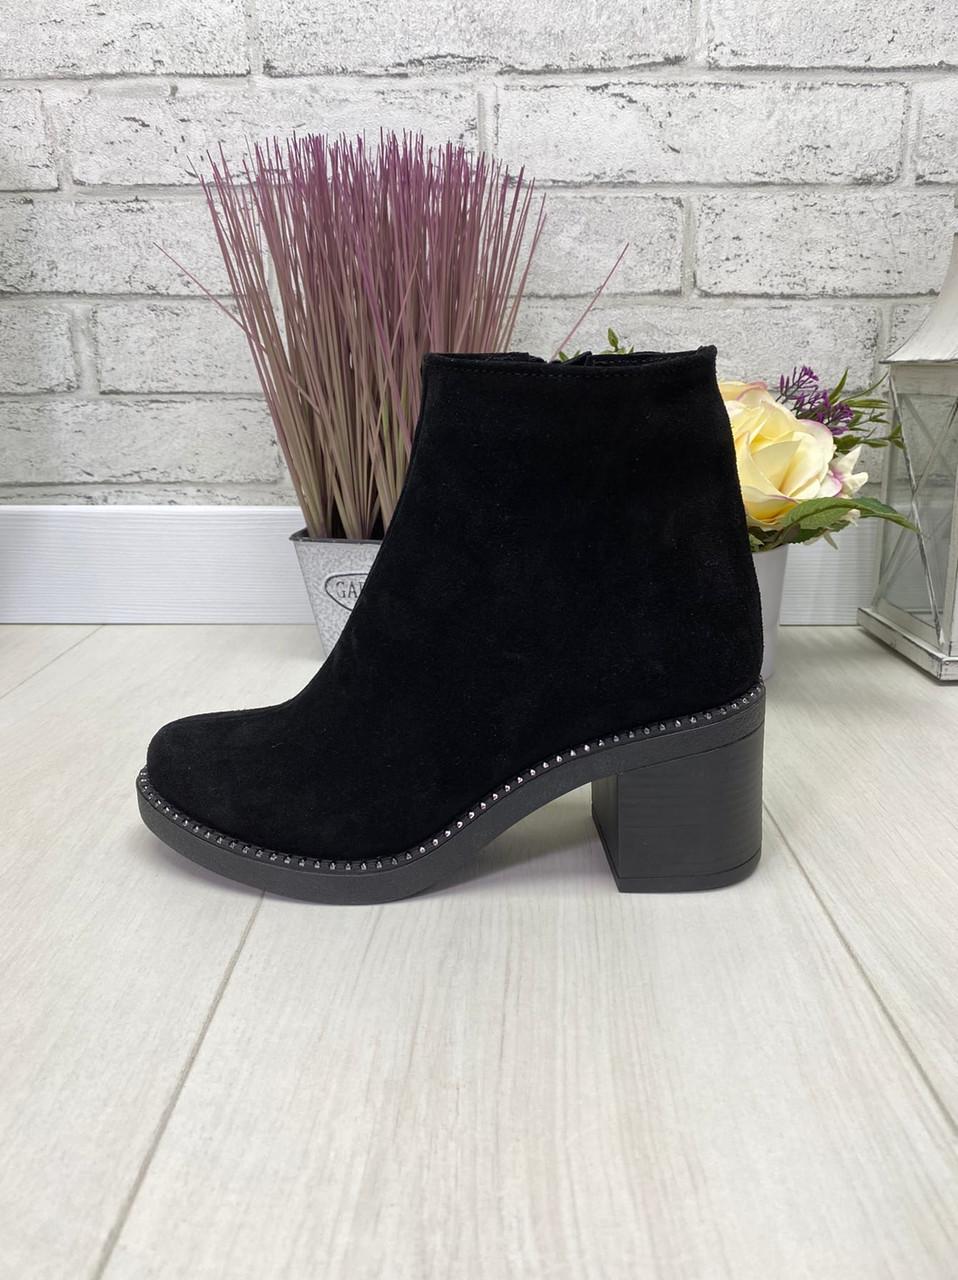 38 р. Ботинки женские деми черные замшевые на среднем каблуке, демисезонные, из натуральной замши, замша